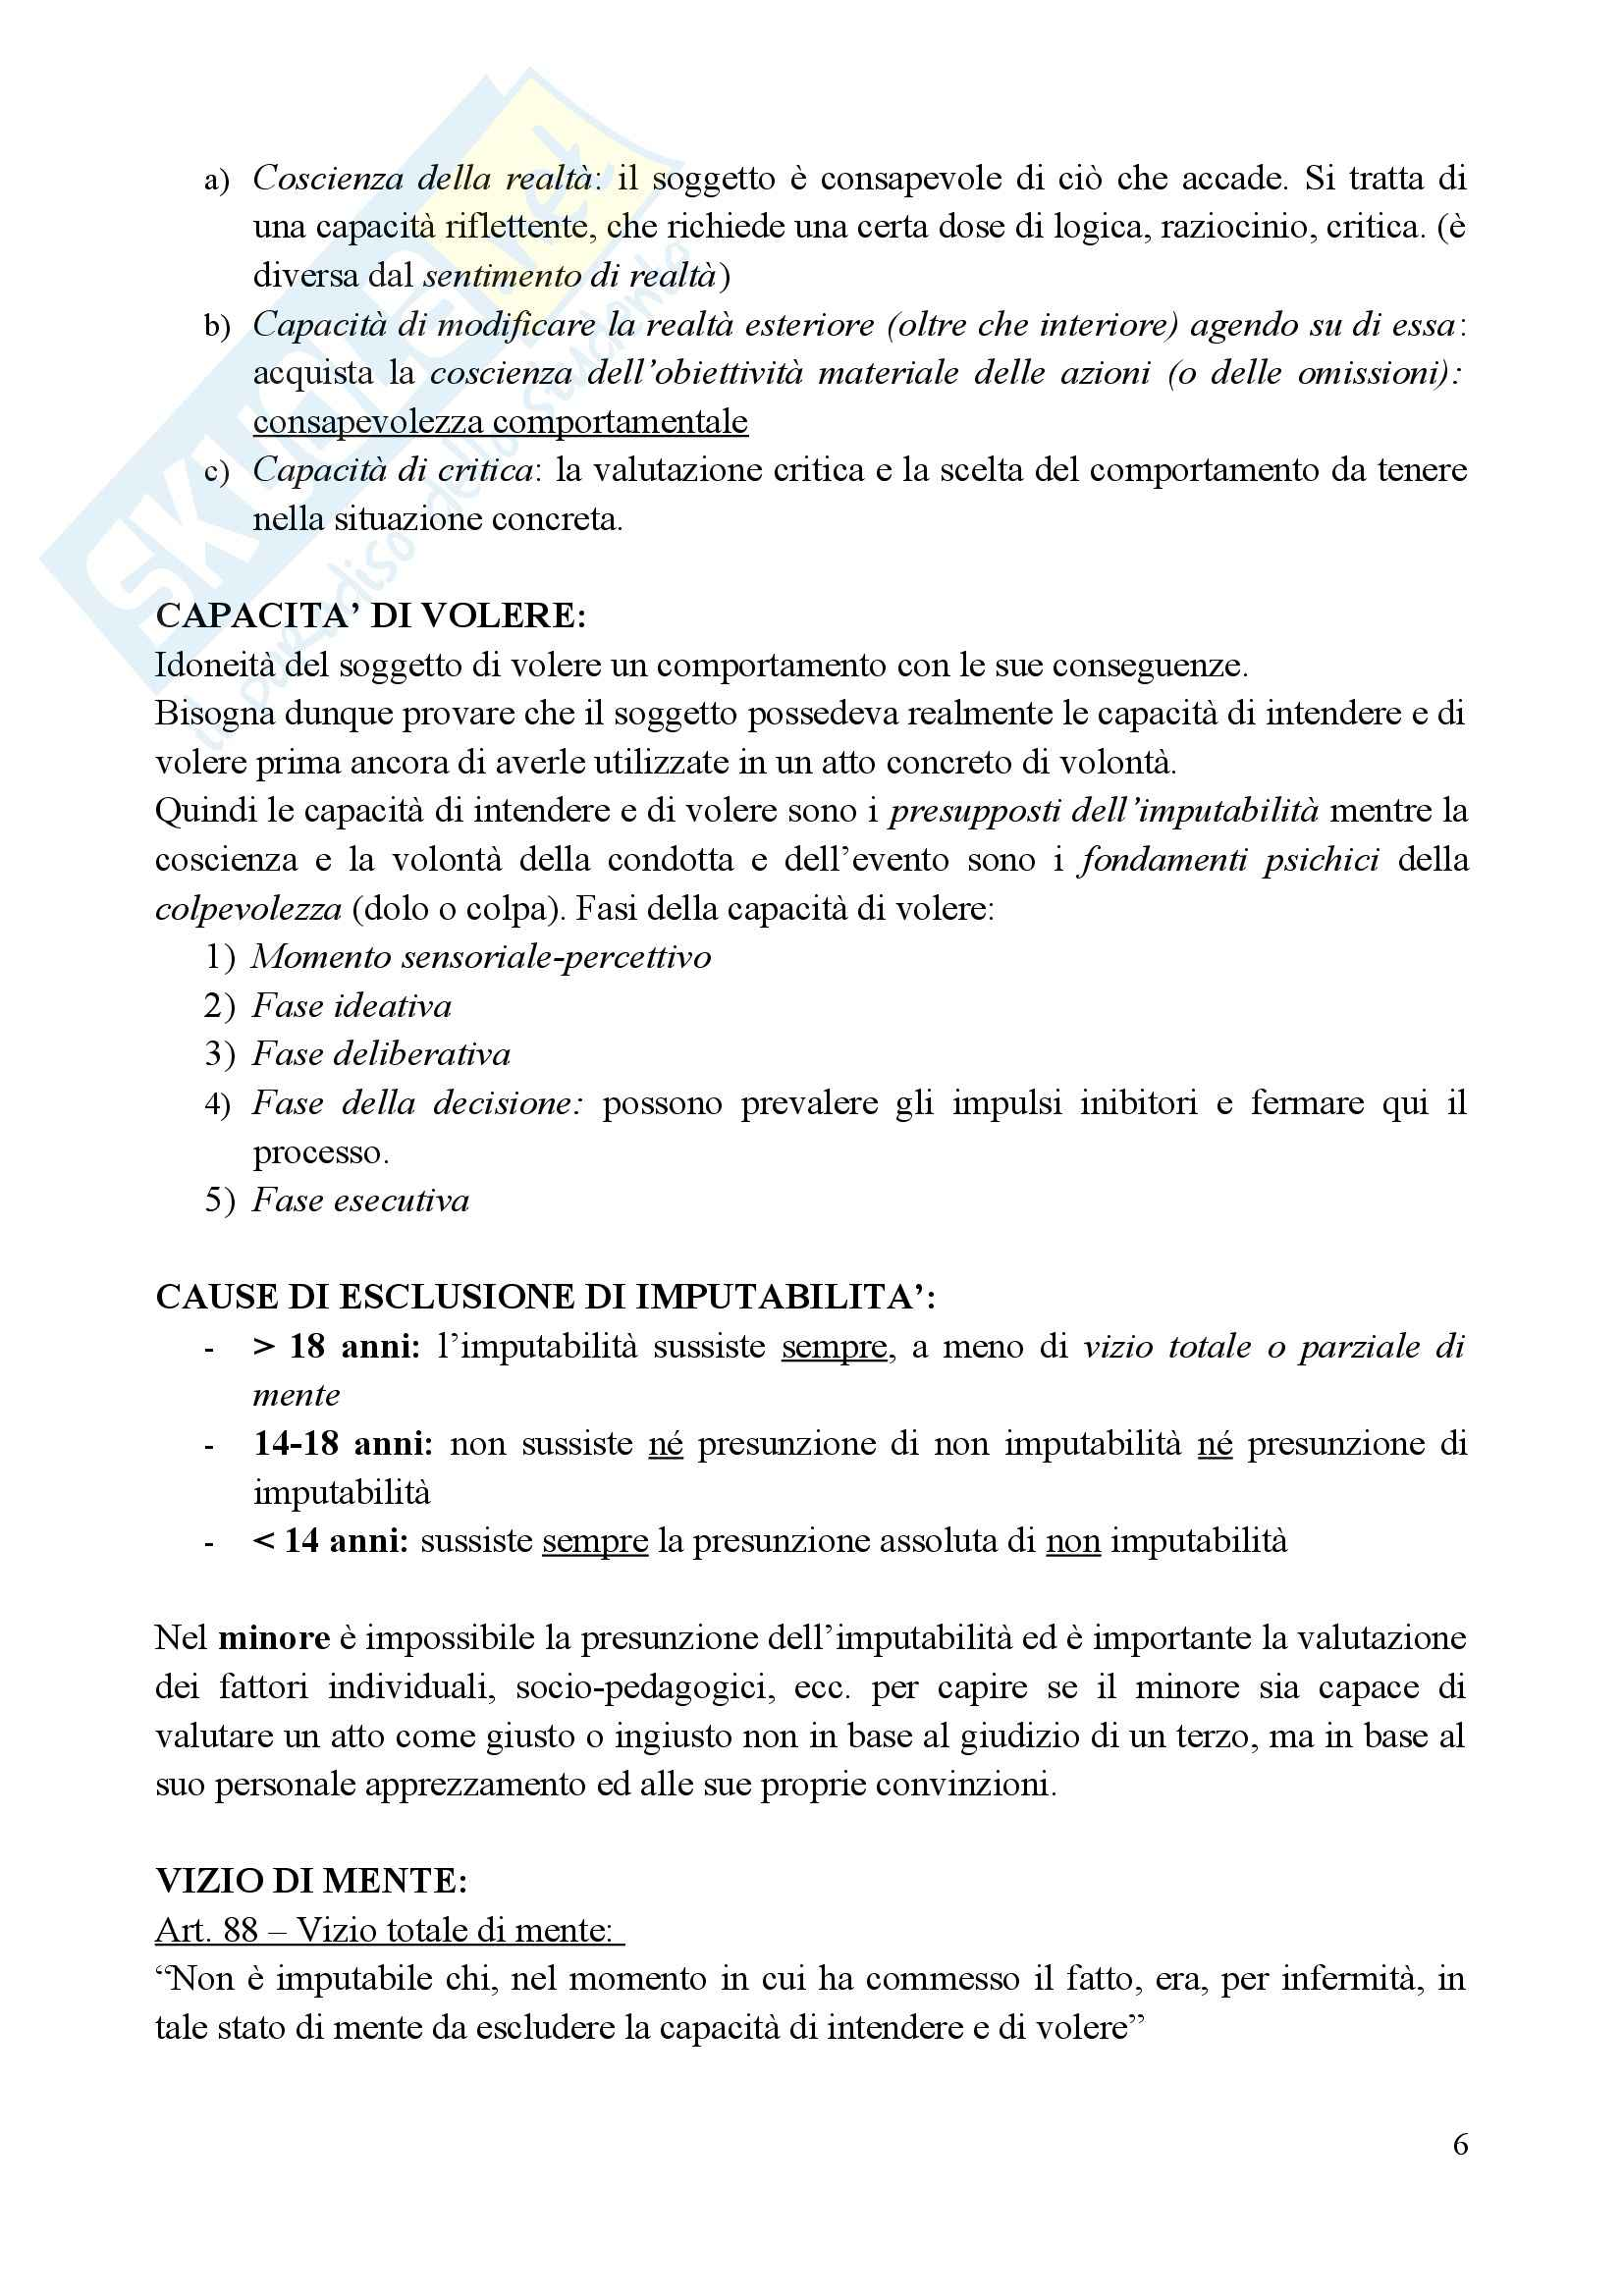 Medicina legale e delle Assicurazioni - il metodo med-legale Pag. 6